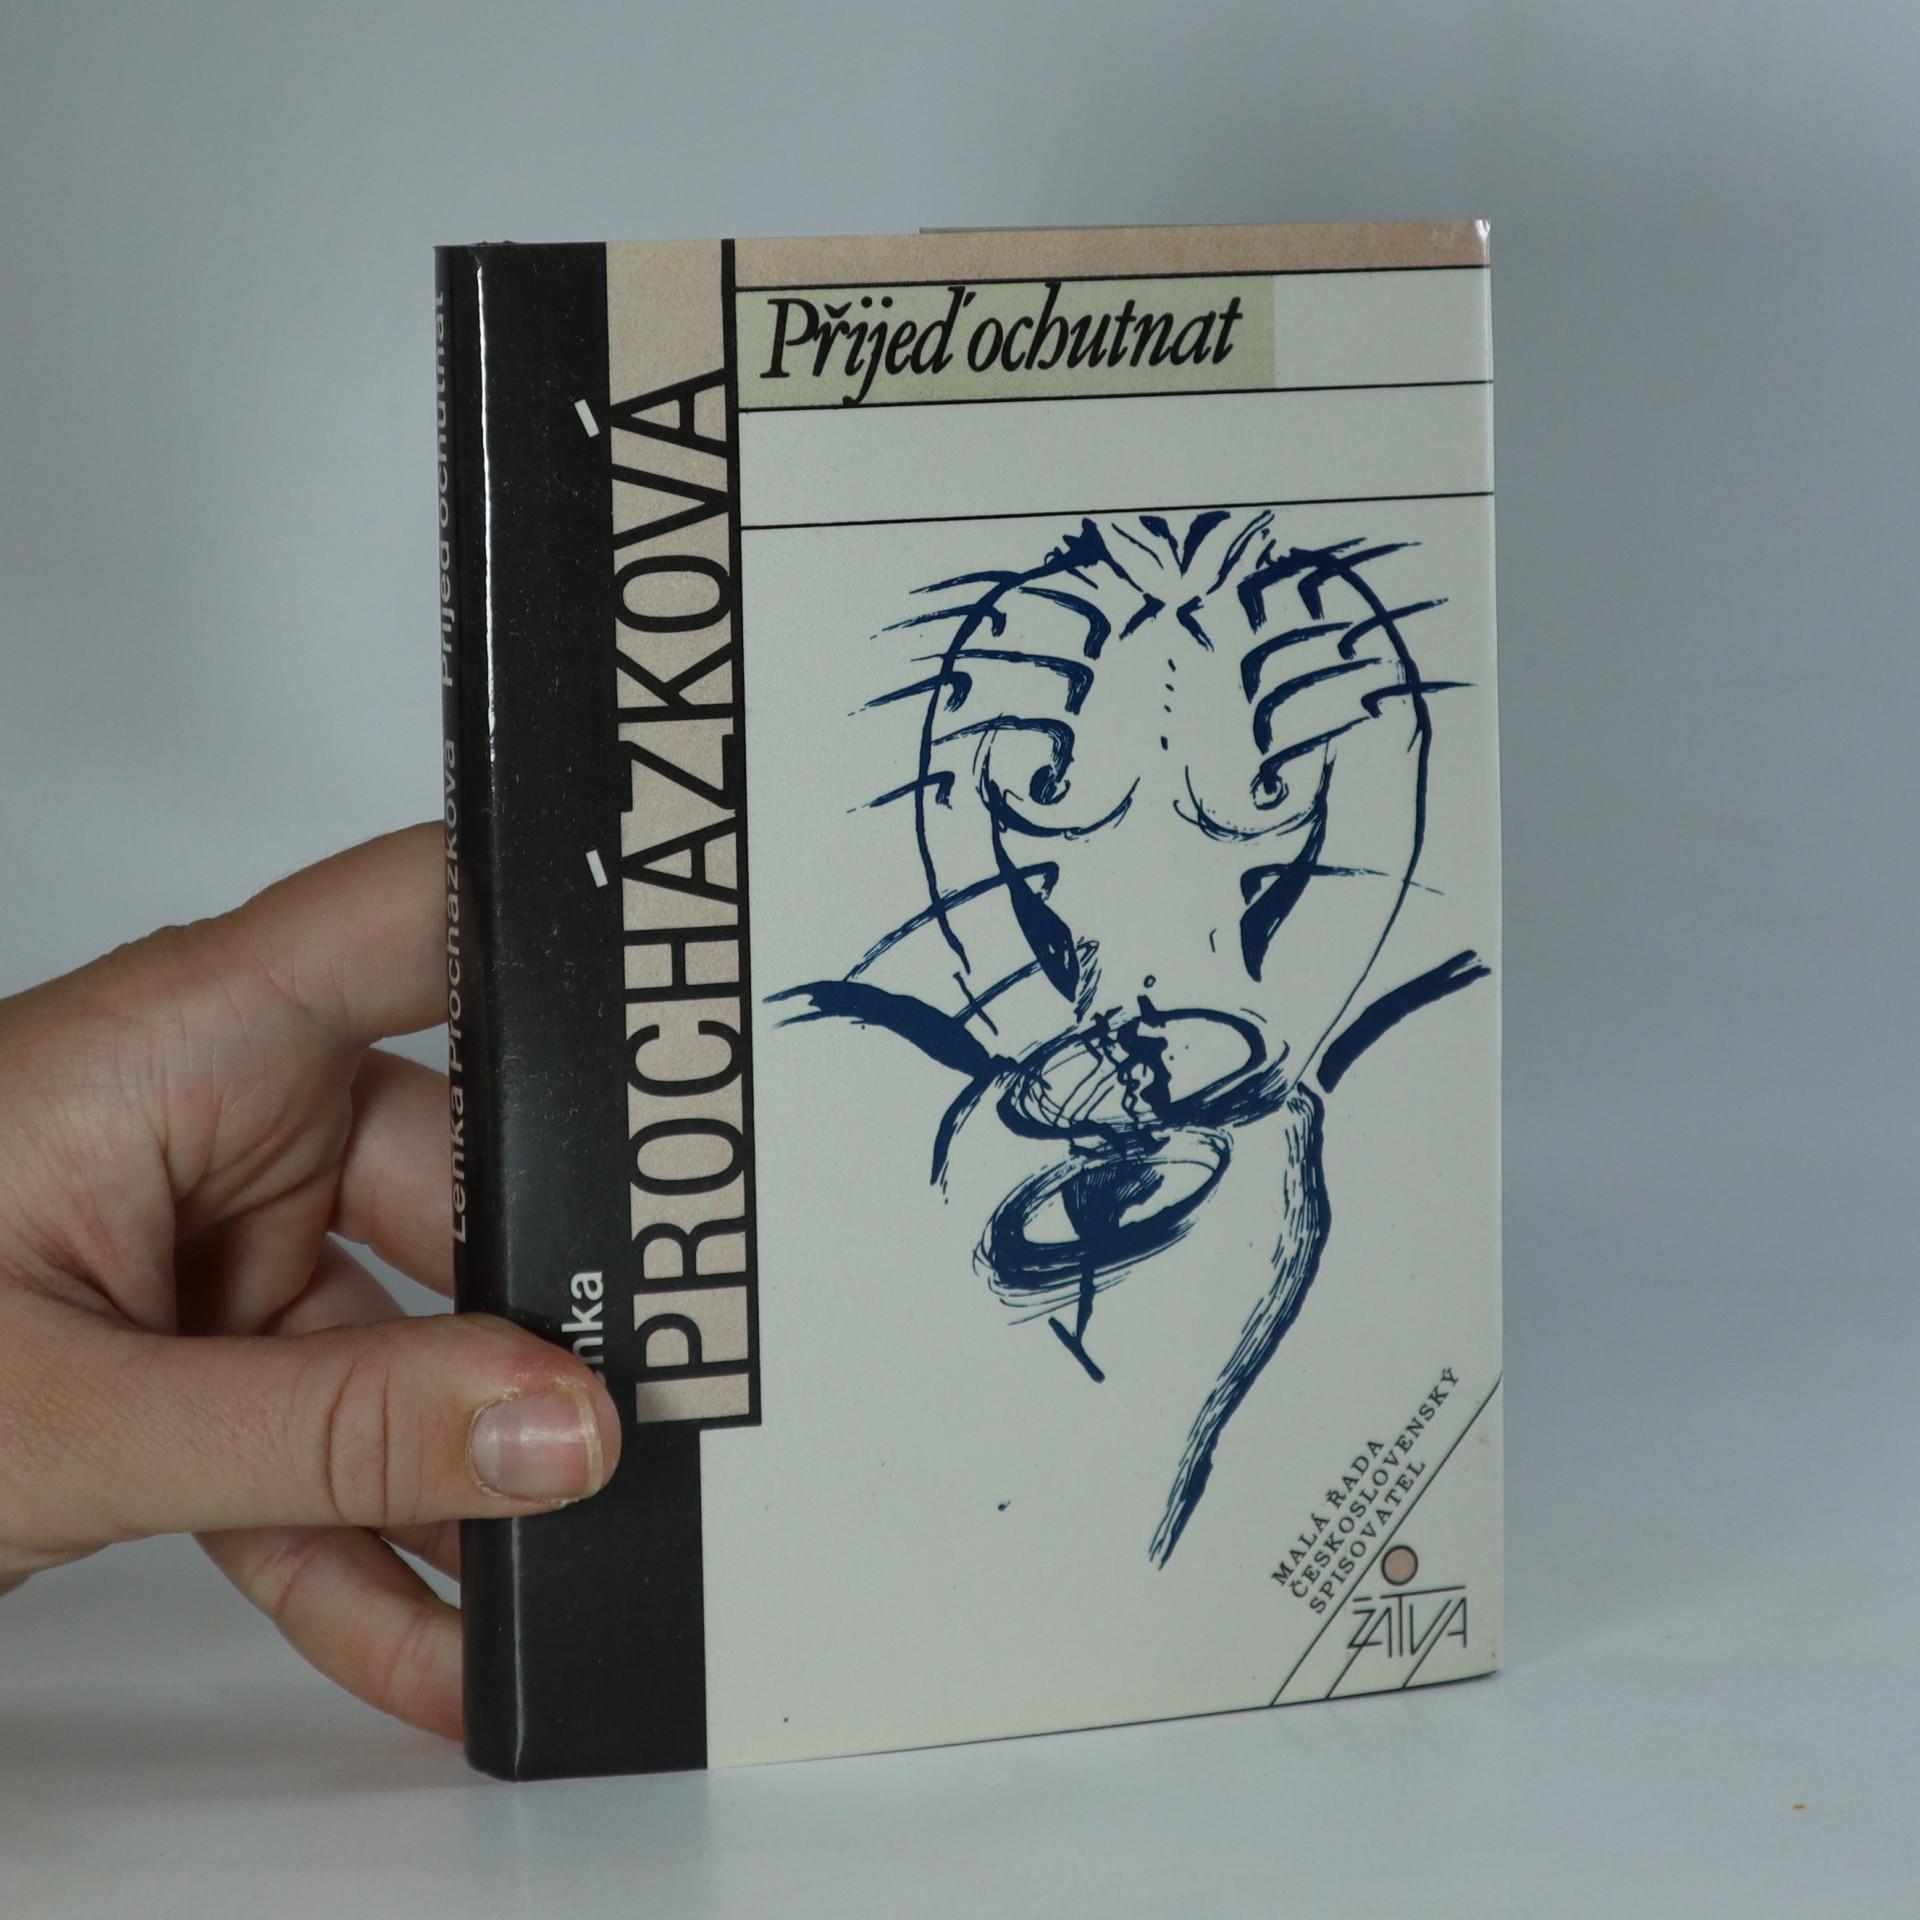 antikvární kniha Přijeď ochutnat, 1991